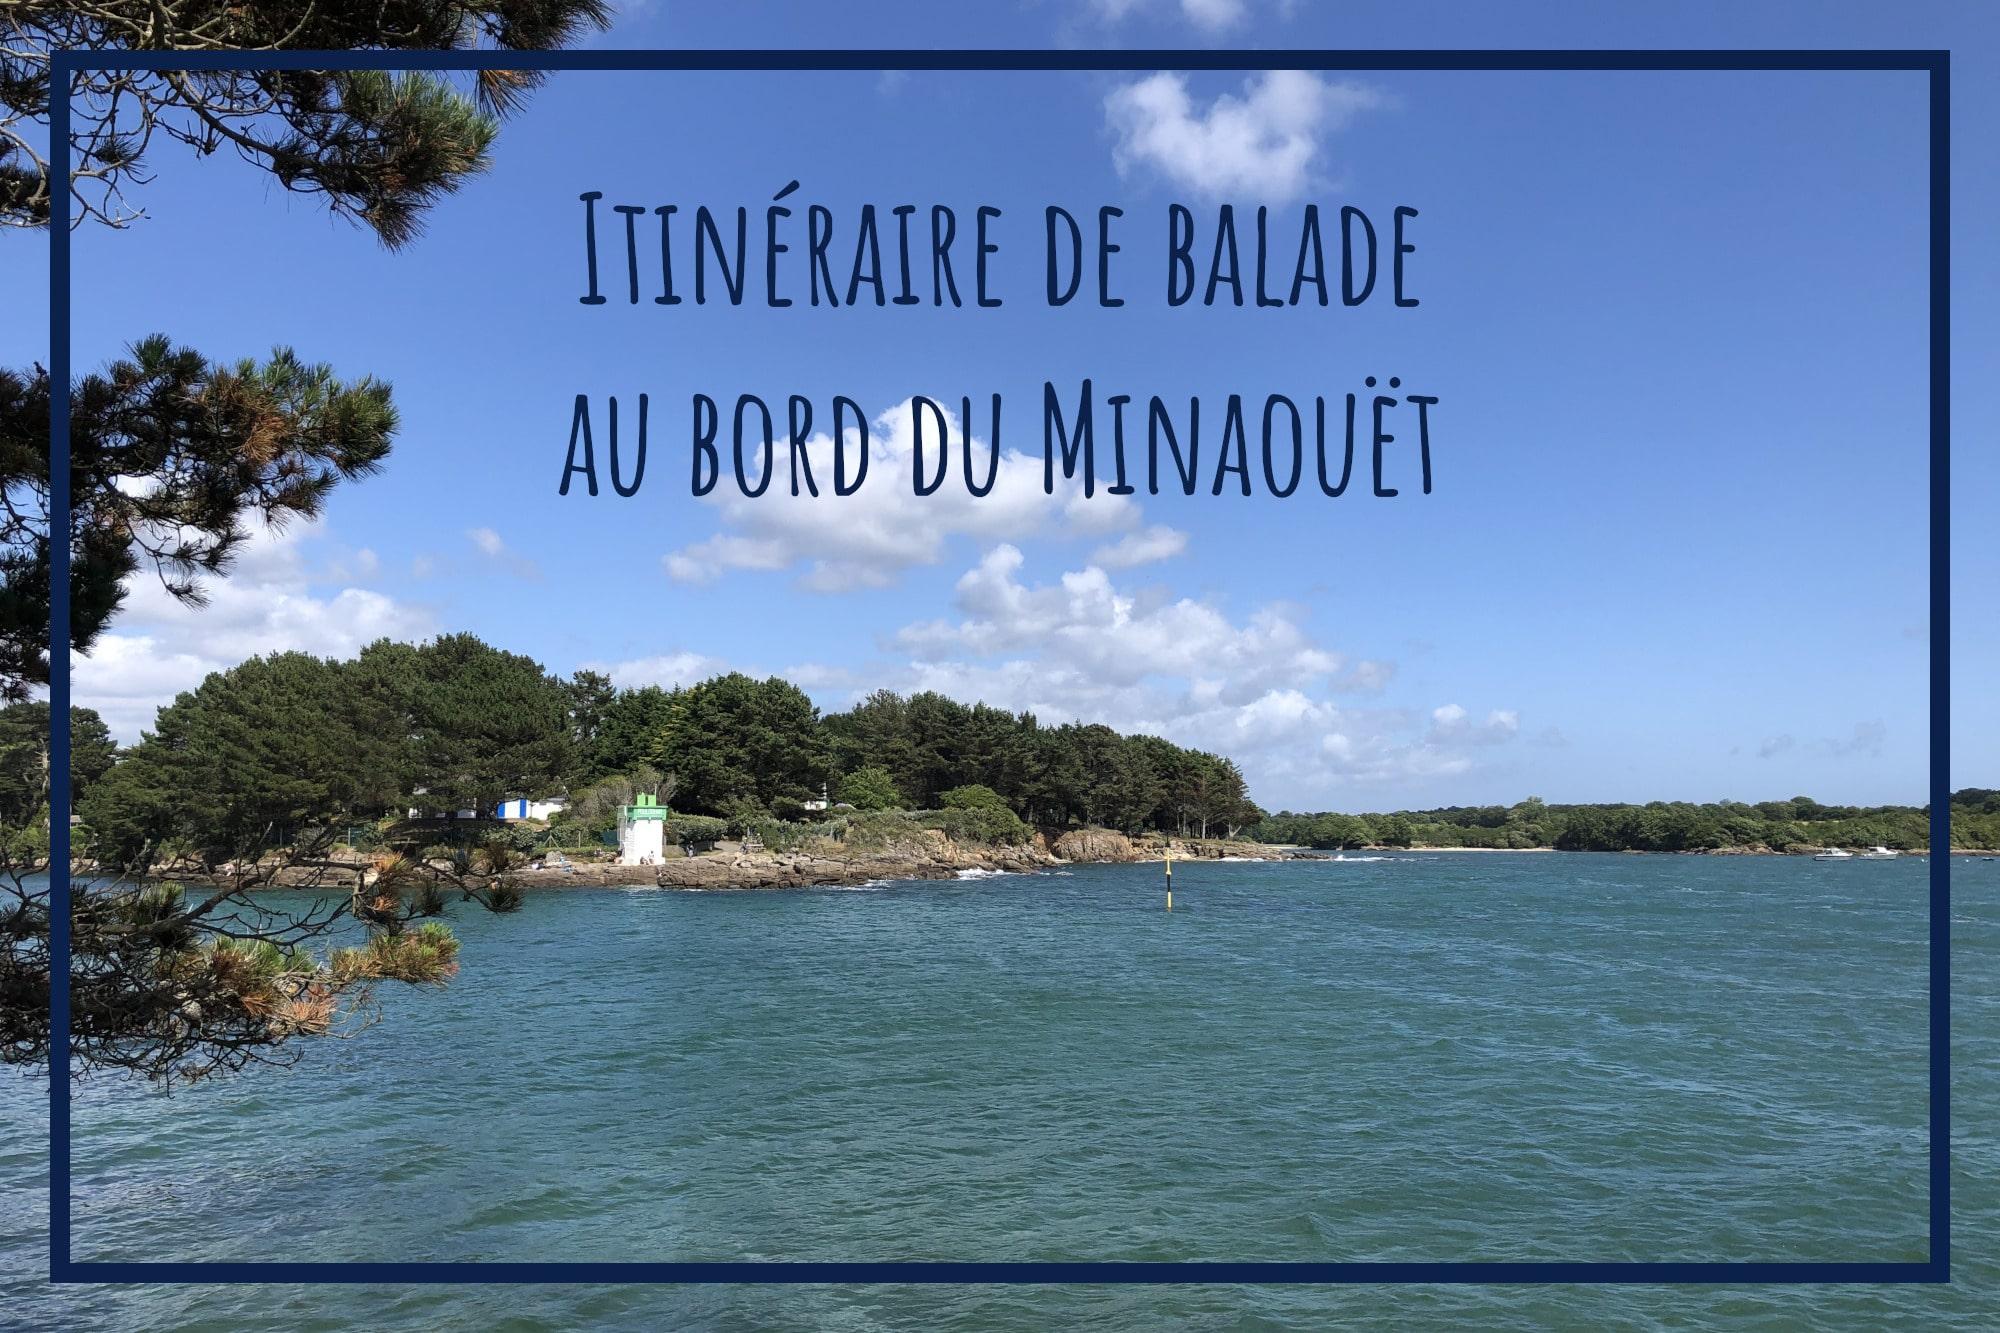 Balade du Minaouët